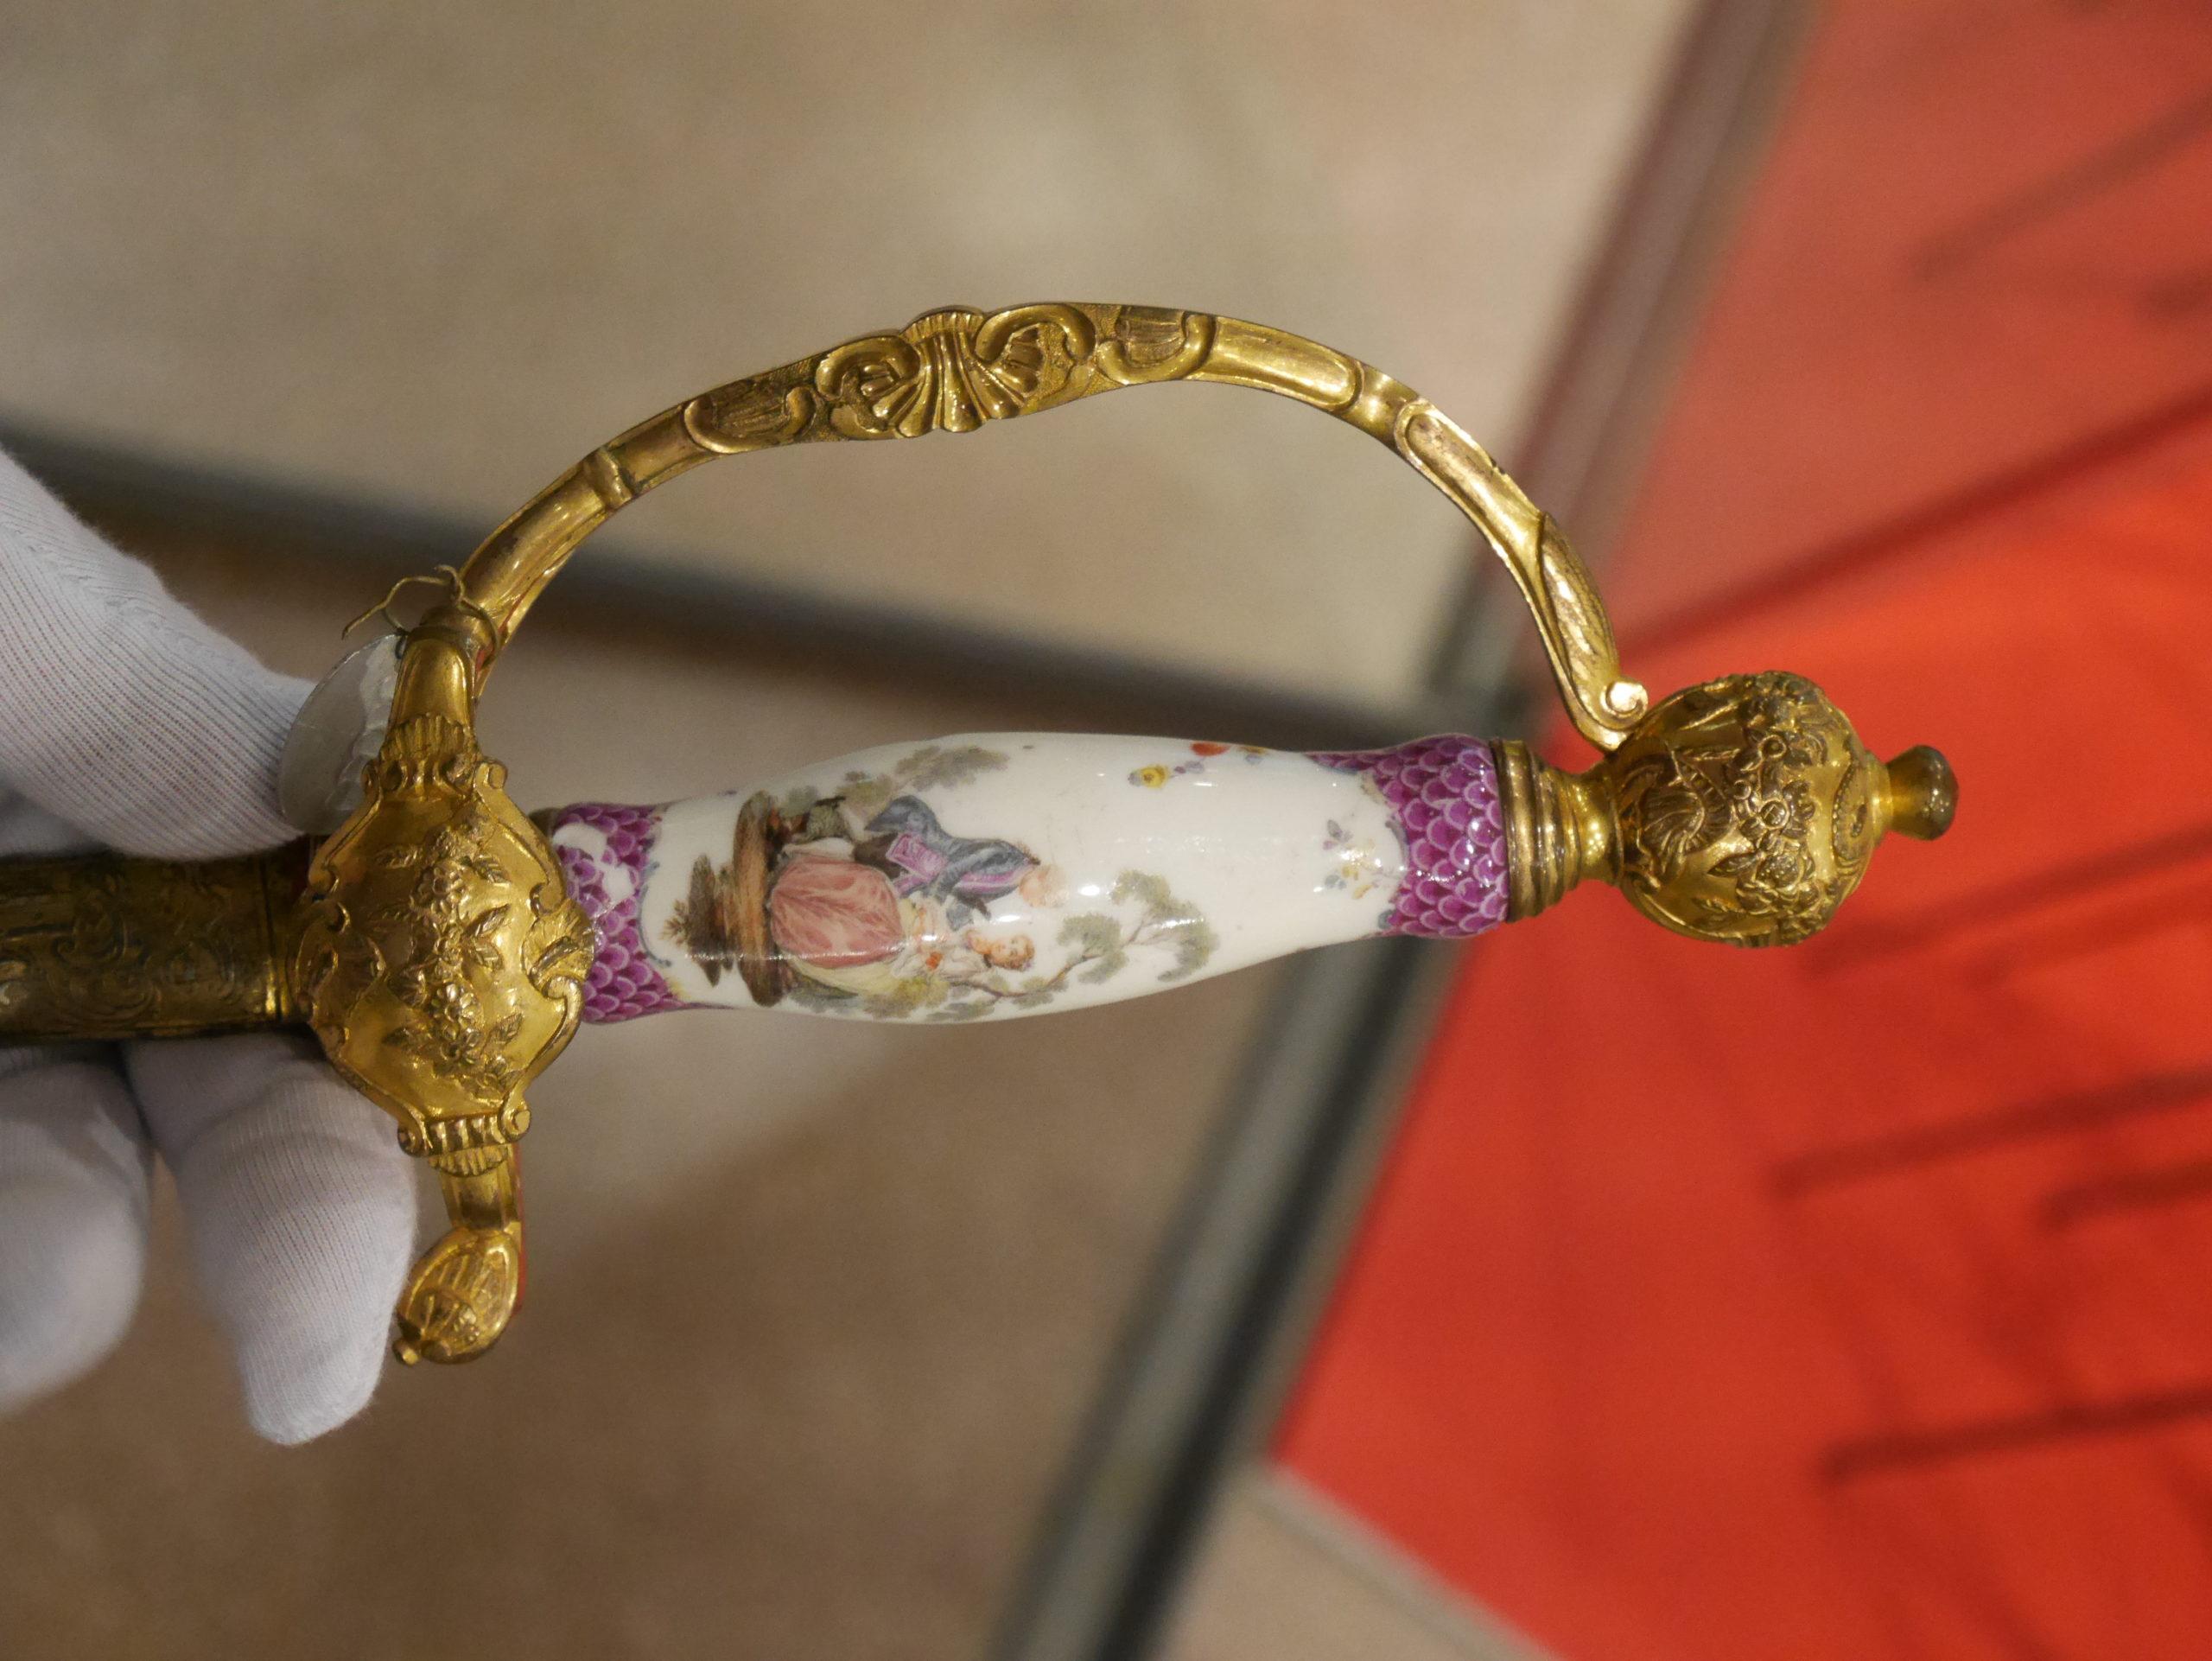 épée de cour à poignée de porcelaine, Allemagne, vers 1750, Paris, Musée de l'Armée copyright Simon Colombo